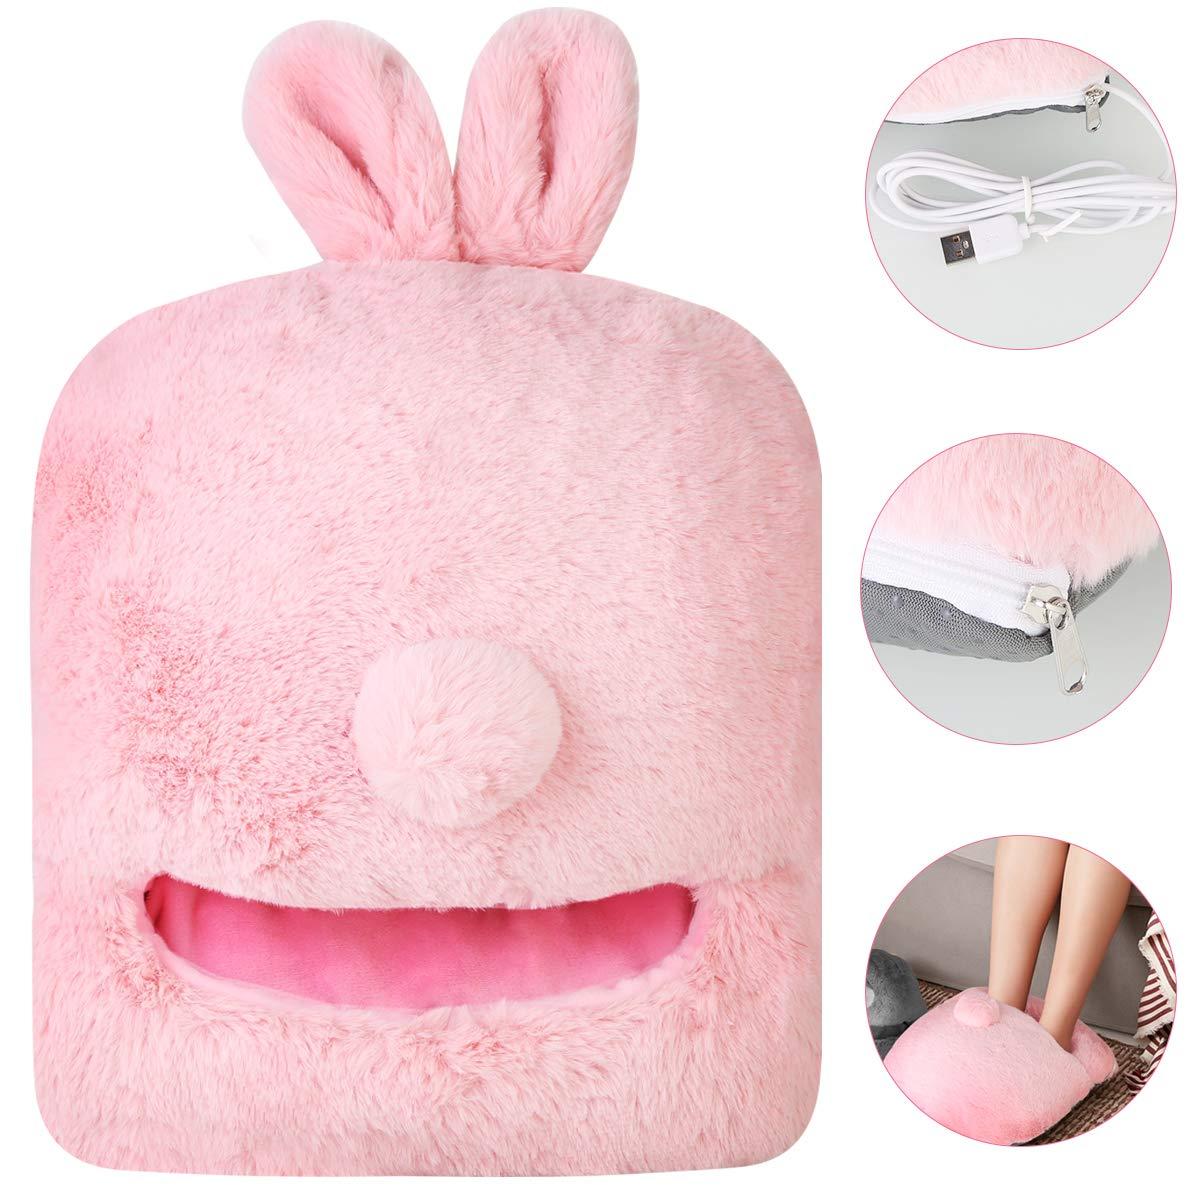 USB Calentador el/éctrico del pie Calentador Calentador Coj/ín c/álido Calzado de invierno Calentador Calentador del pie Calentador Calzado Calzado el/éctrico Color : Pink